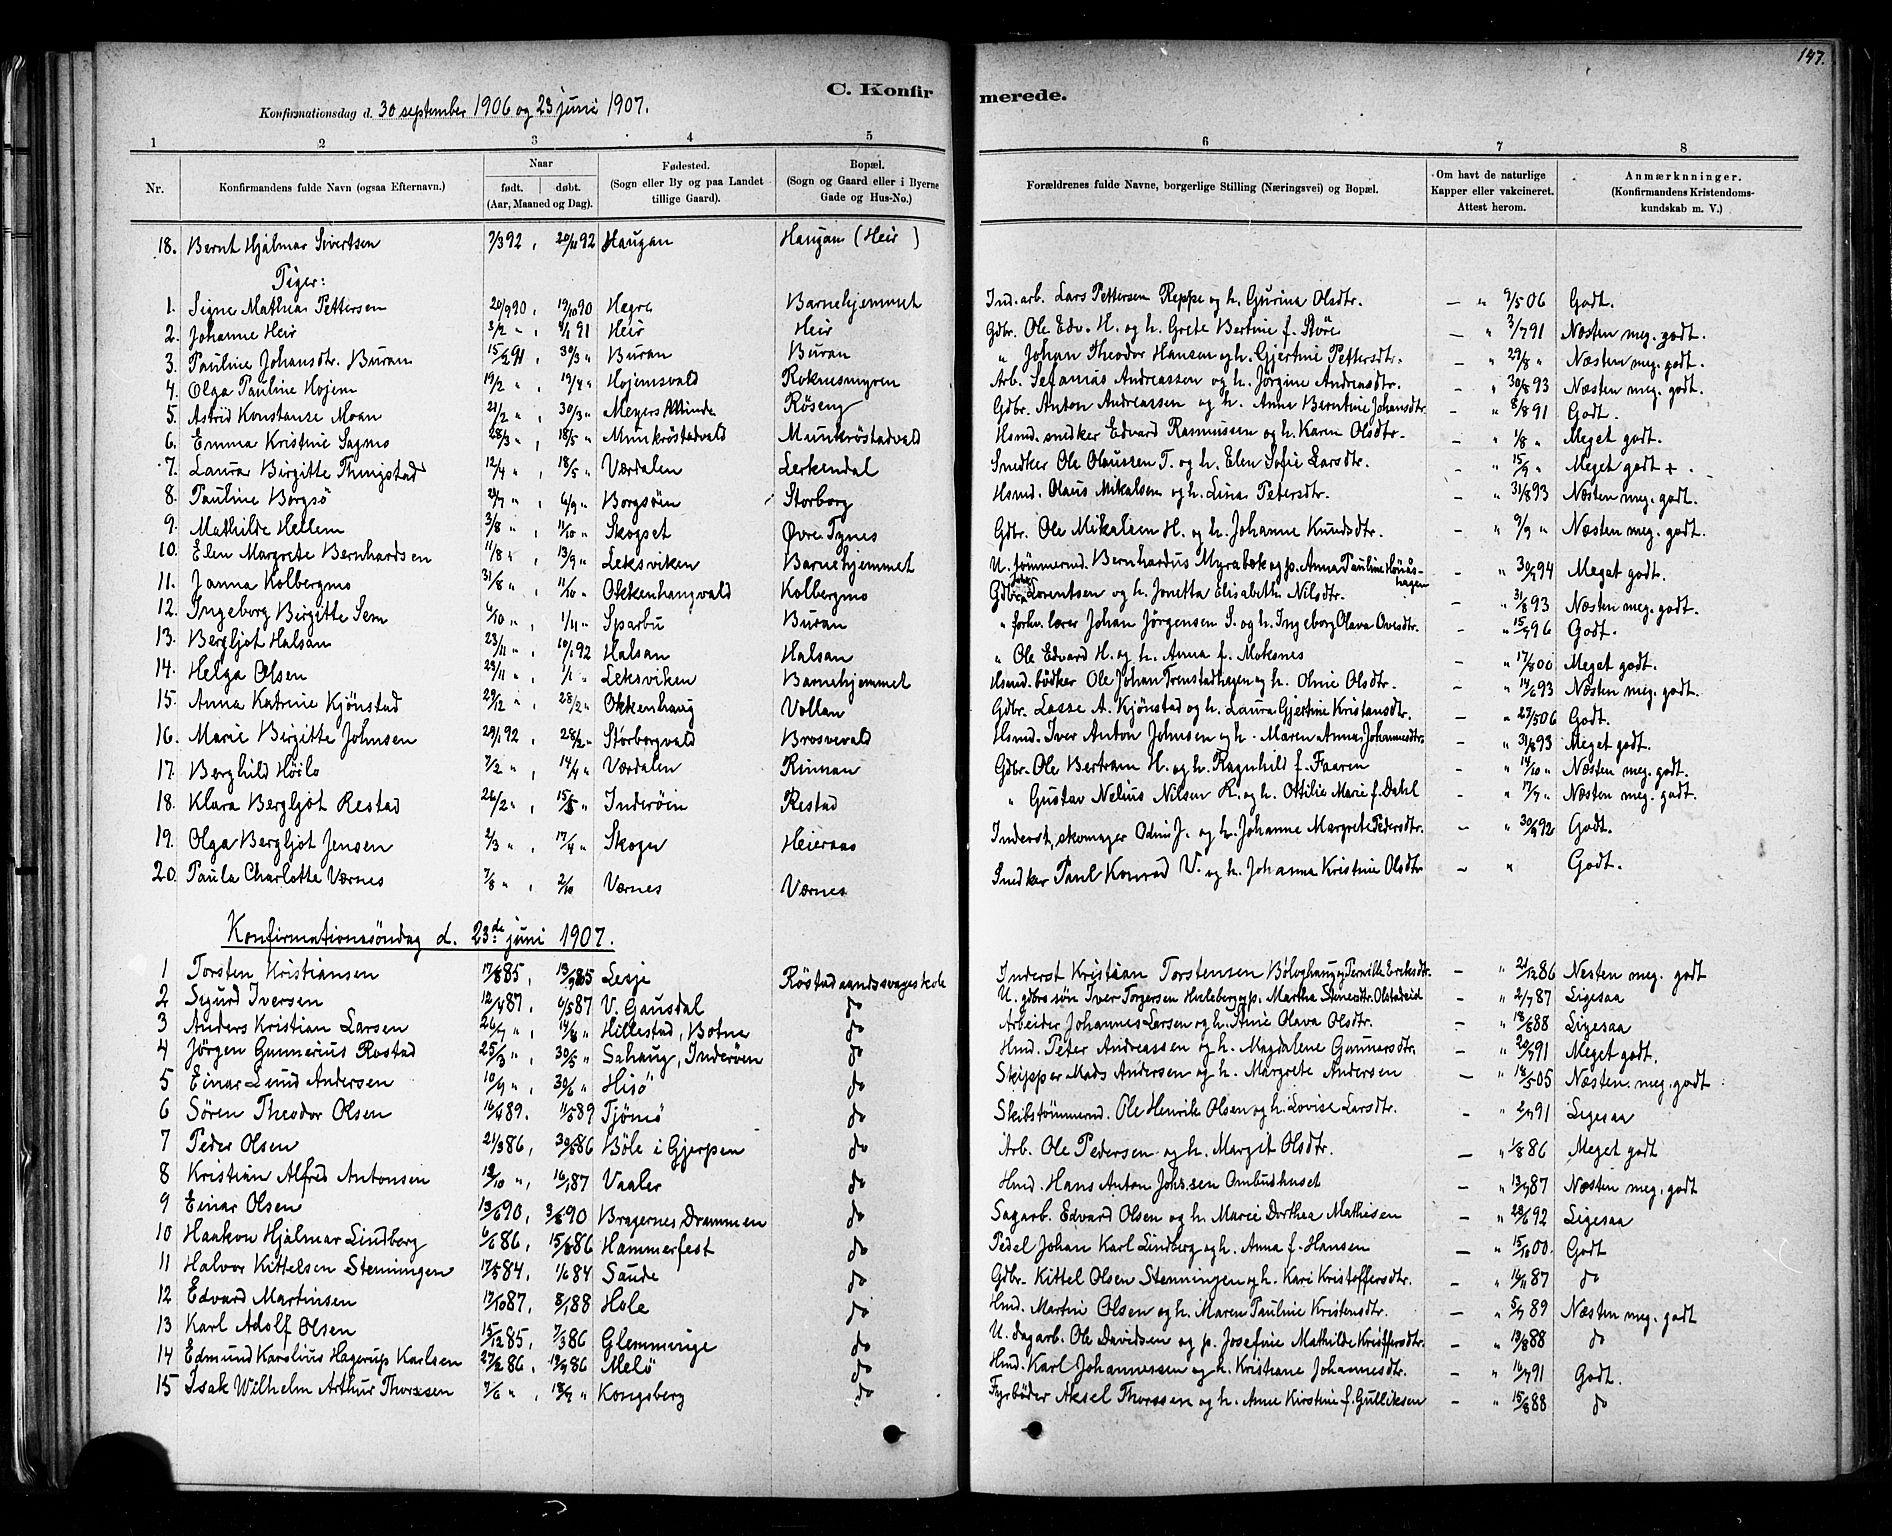 SAT, Ministerialprotokoller, klokkerbøker og fødselsregistre - Nord-Trøndelag, 721/L0208: Klokkerbok nr. 721C01, 1880-1917, s. 147